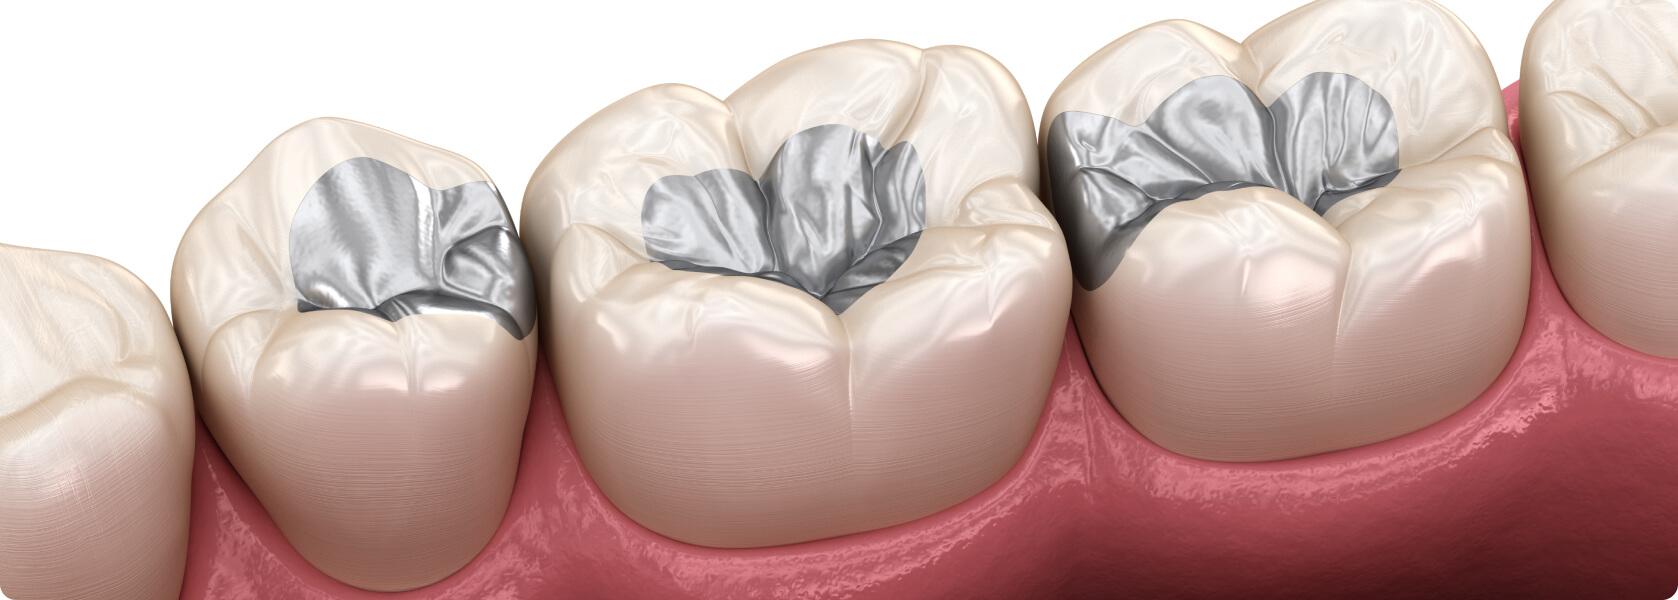 Zahnfüllung rausgefallen provisorische Welche Füllung